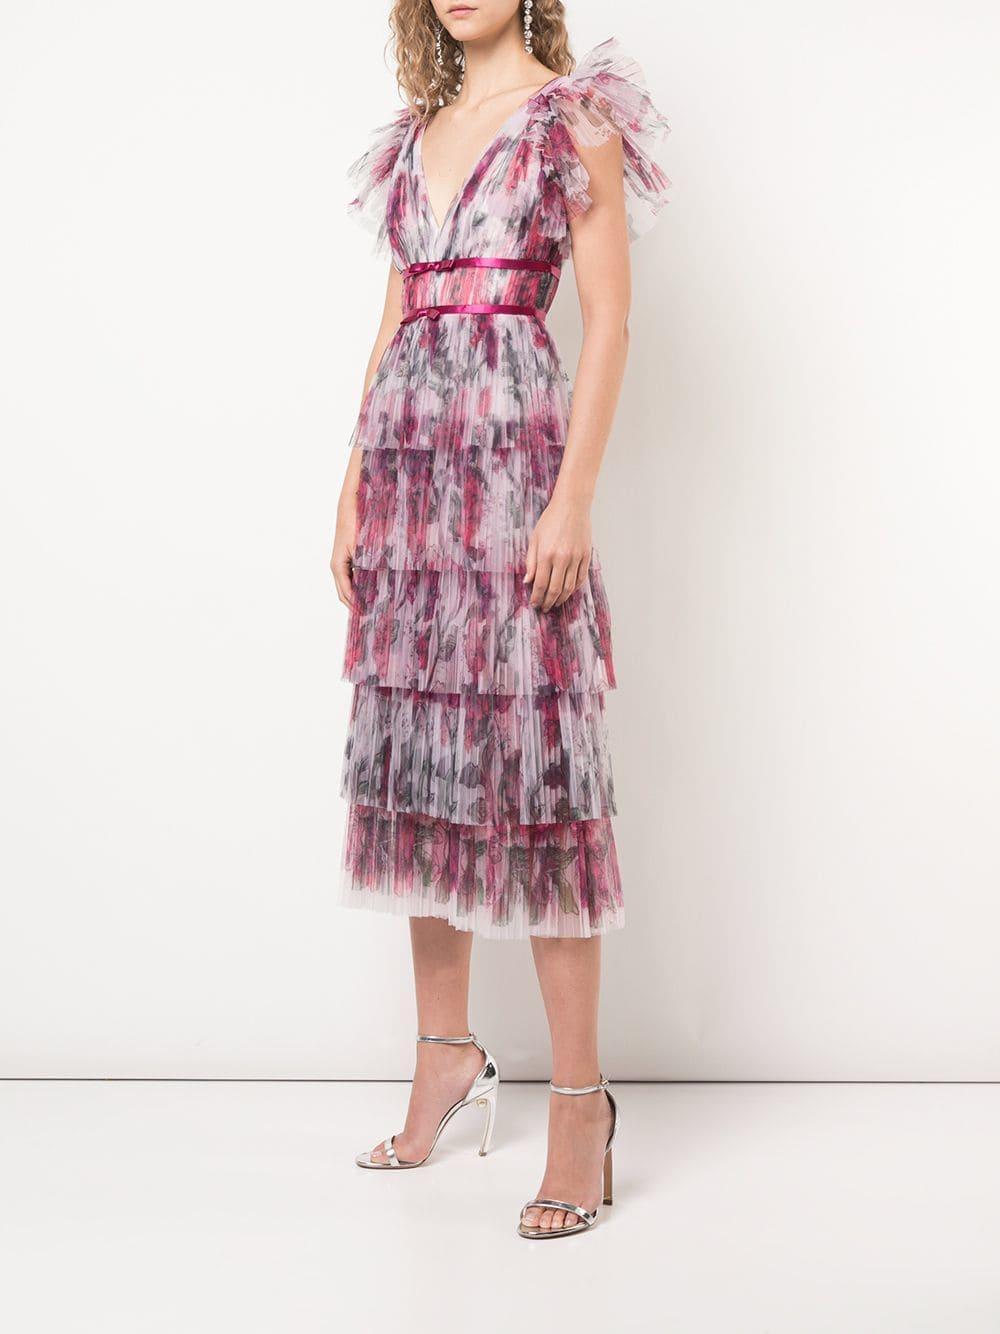 Vestido con volantes y plisado Marchesa notte de Tejido sintético de color Rosa